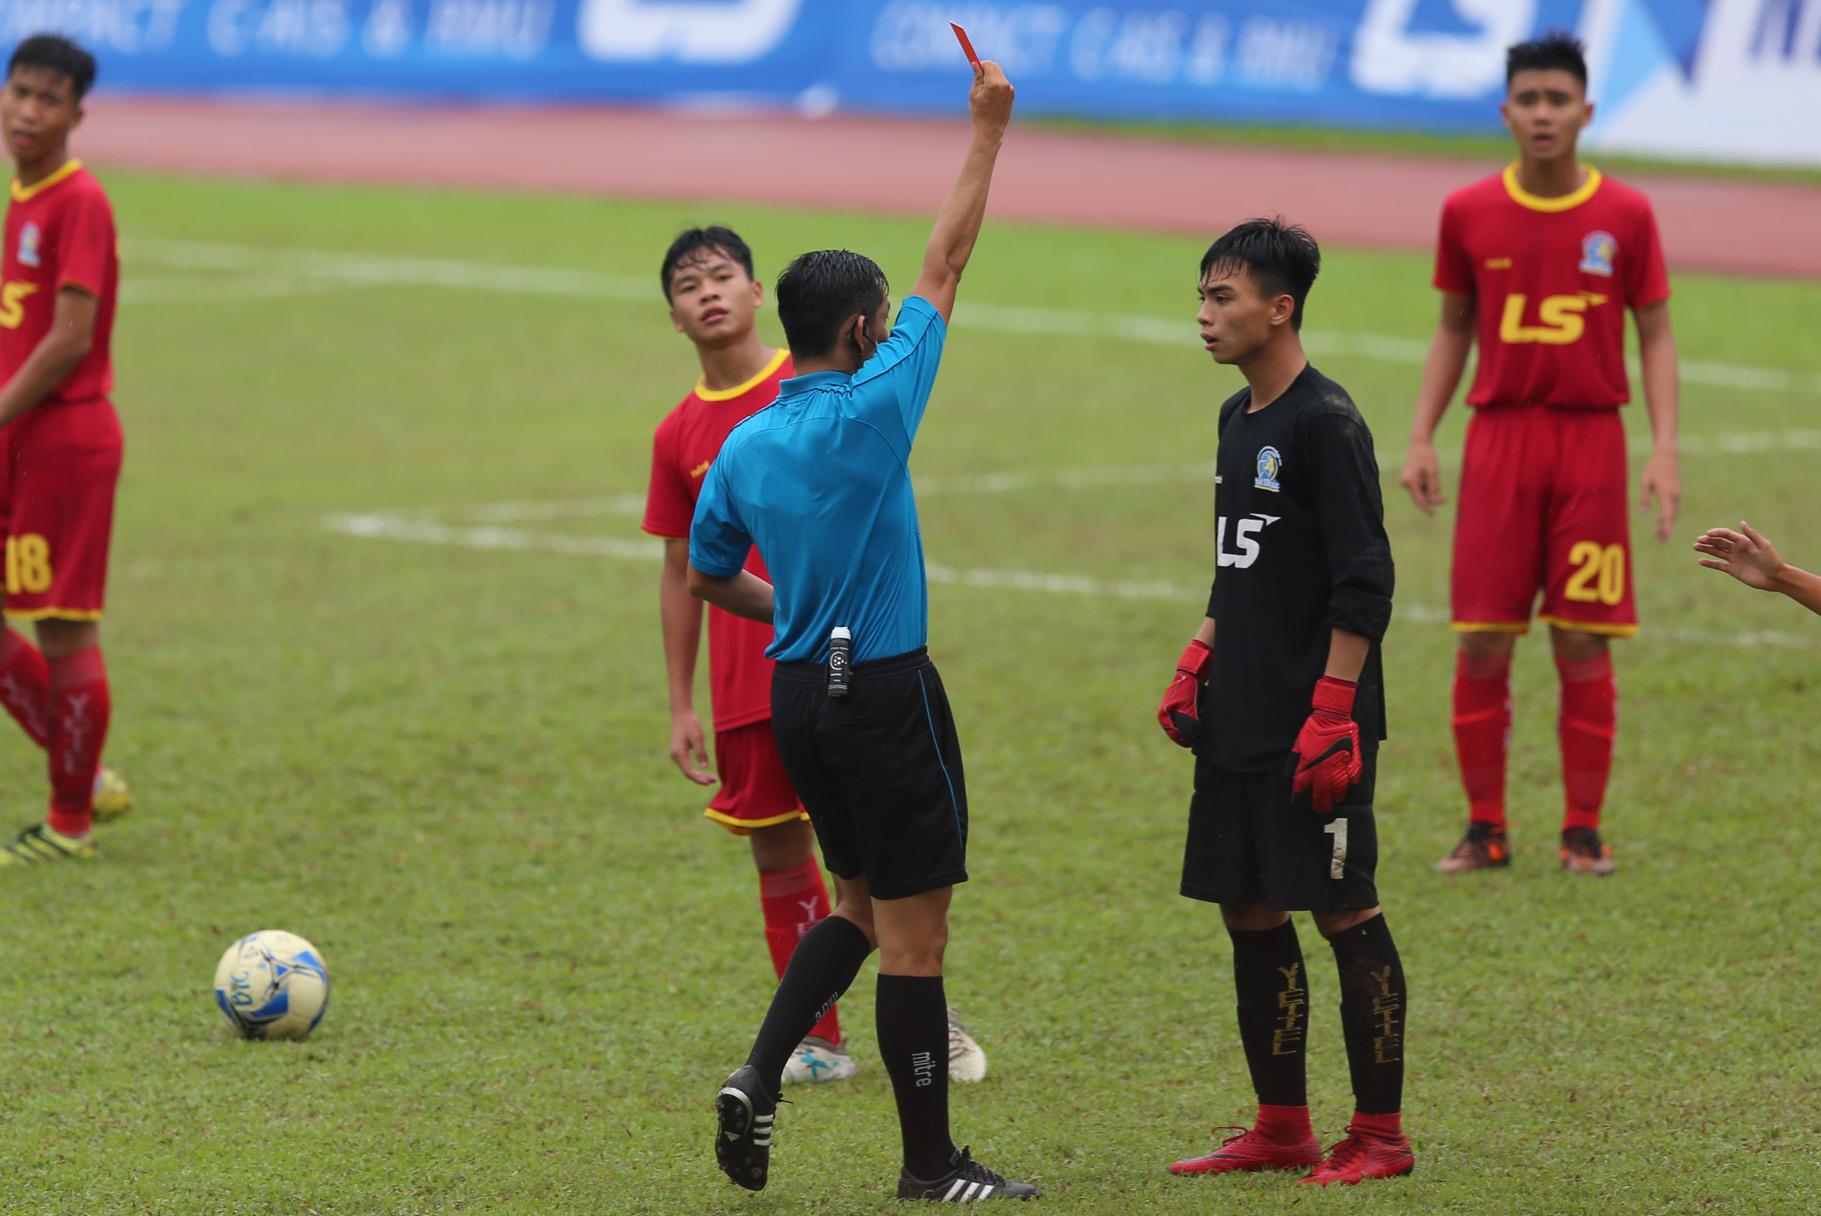 Bảng B, VCK U15 Quốc gia 2018: Viettel thắng kịch tính, Thanh Hóa thua tan nát     - Bóng Đá